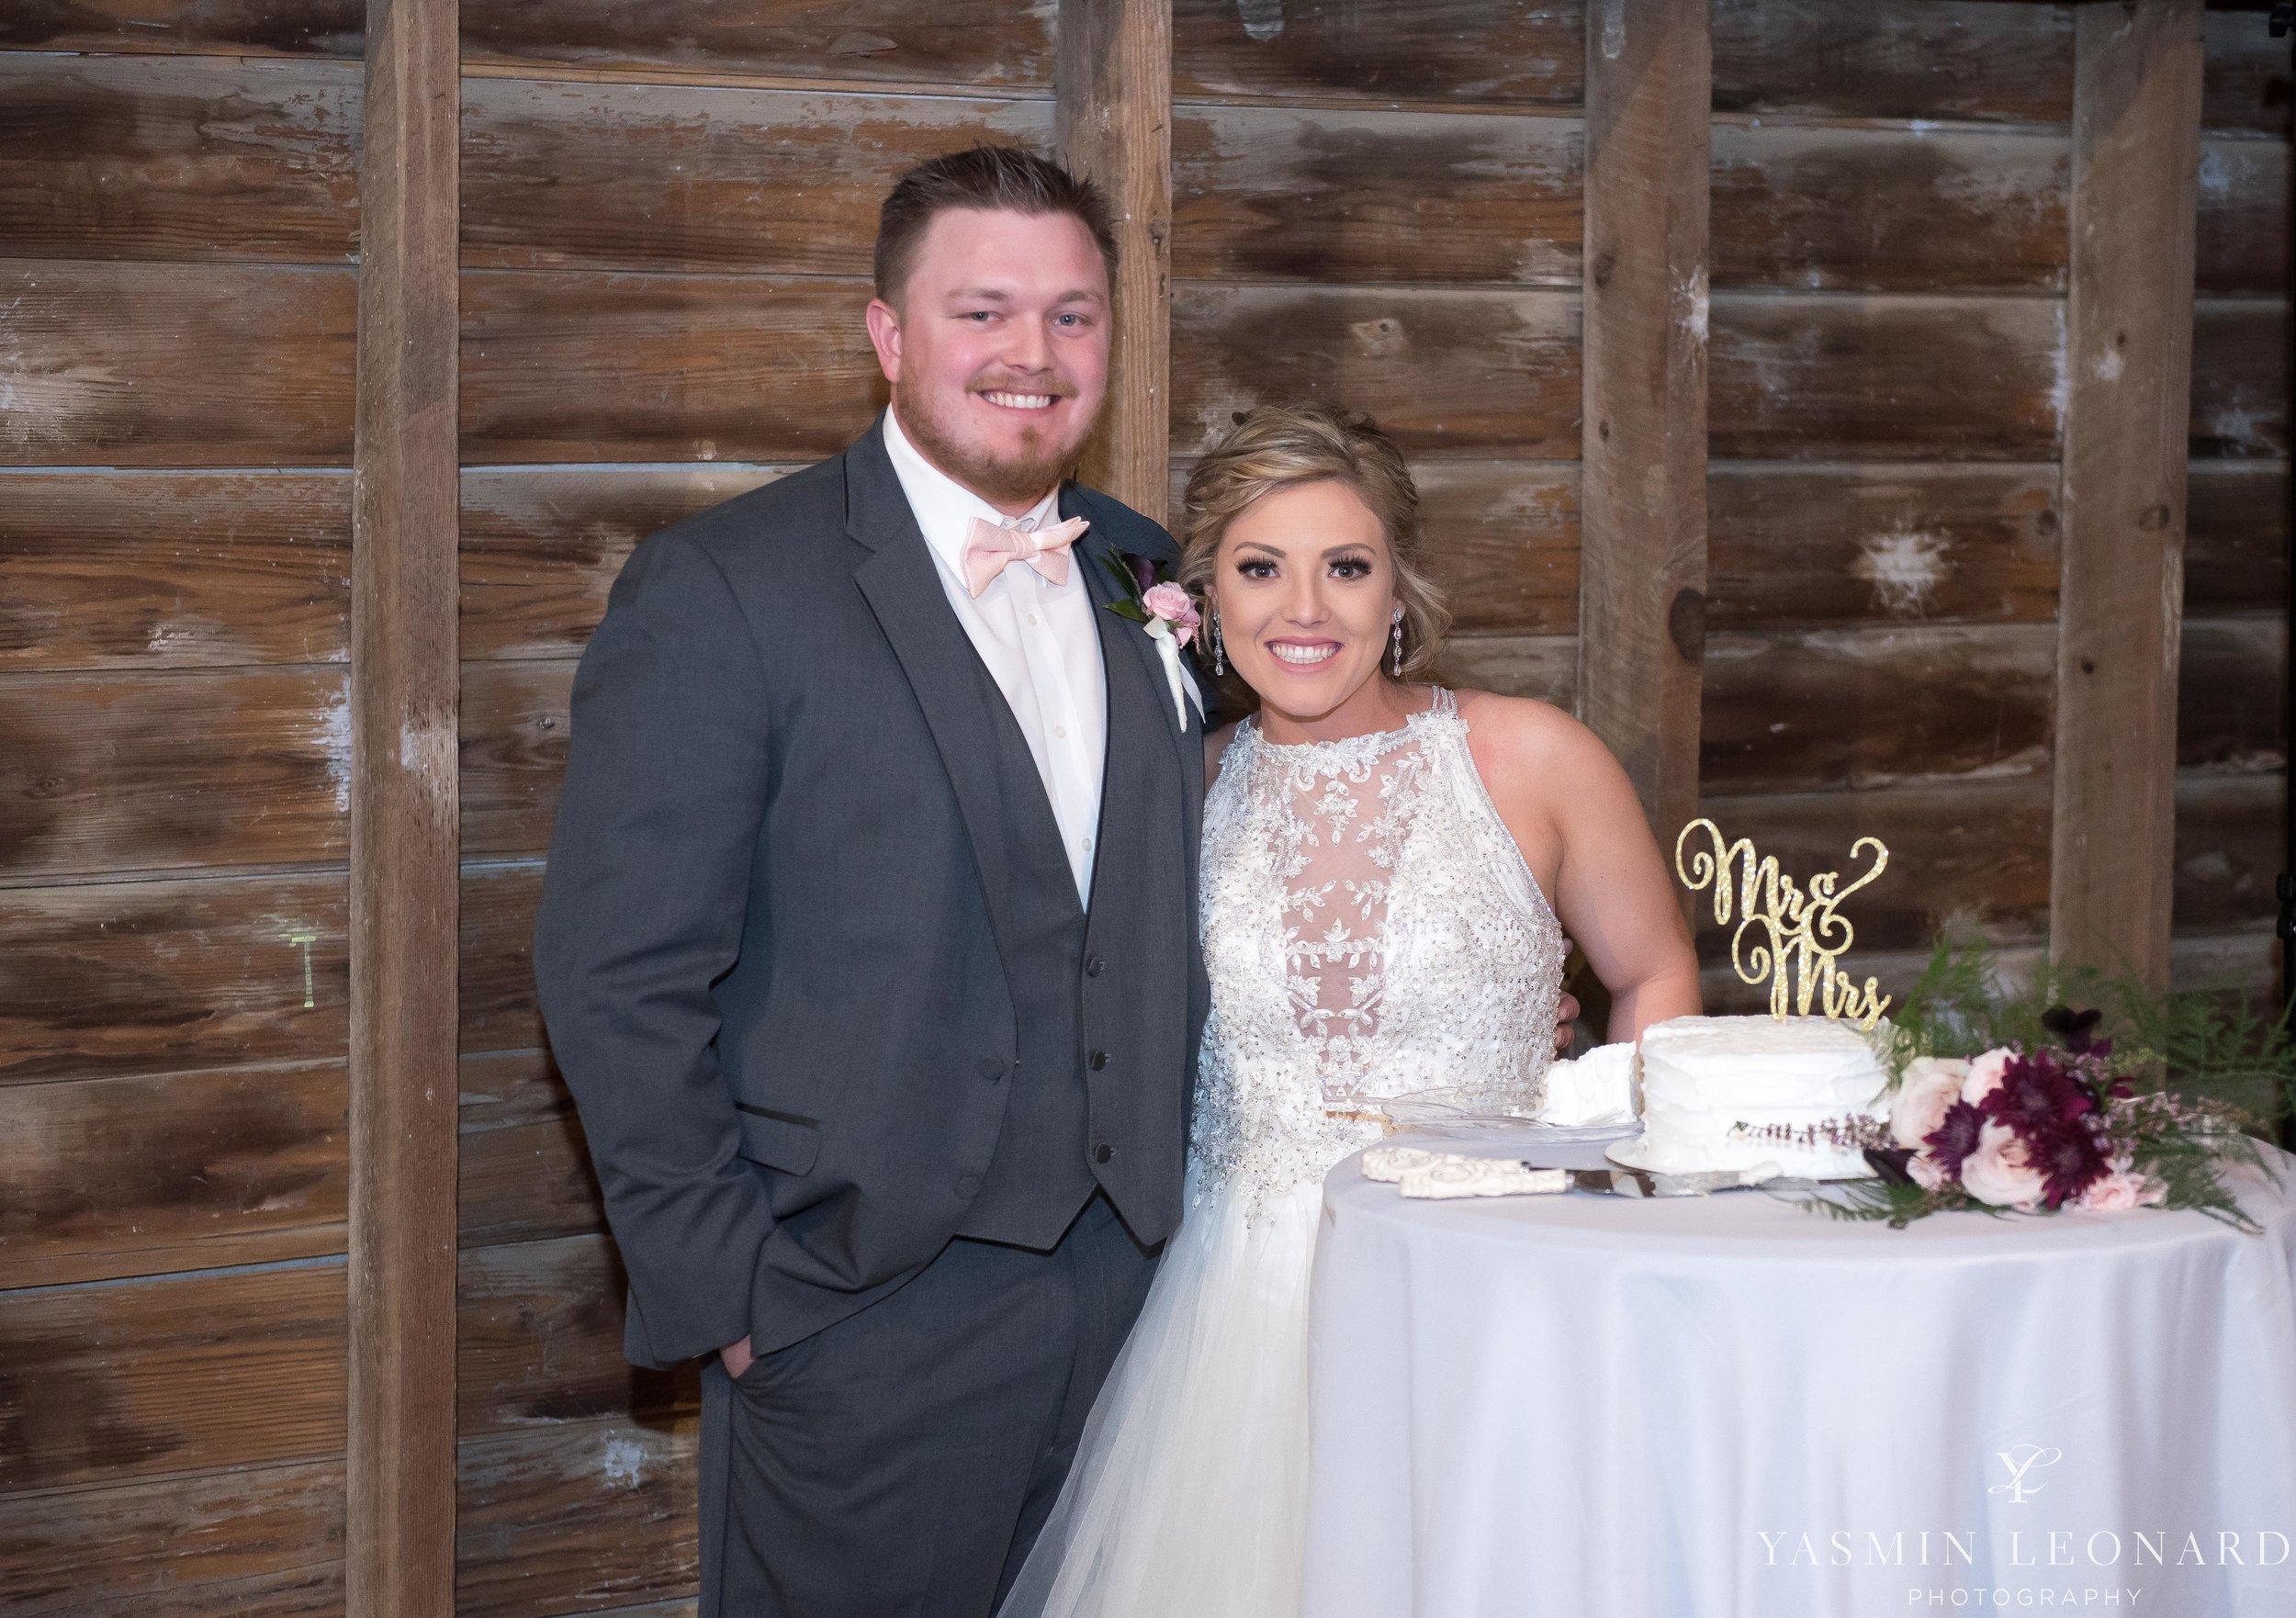 Millikan Farms - Millikan Farms Wedding - Sophia NC Wedding - NC Wedding - NC Wedding Photographer - Yasmin Leonard Photography - High Point Photographer - Barn Wedding - Wedding Venues in NC - Triad Wedding Photographer-70.jpg